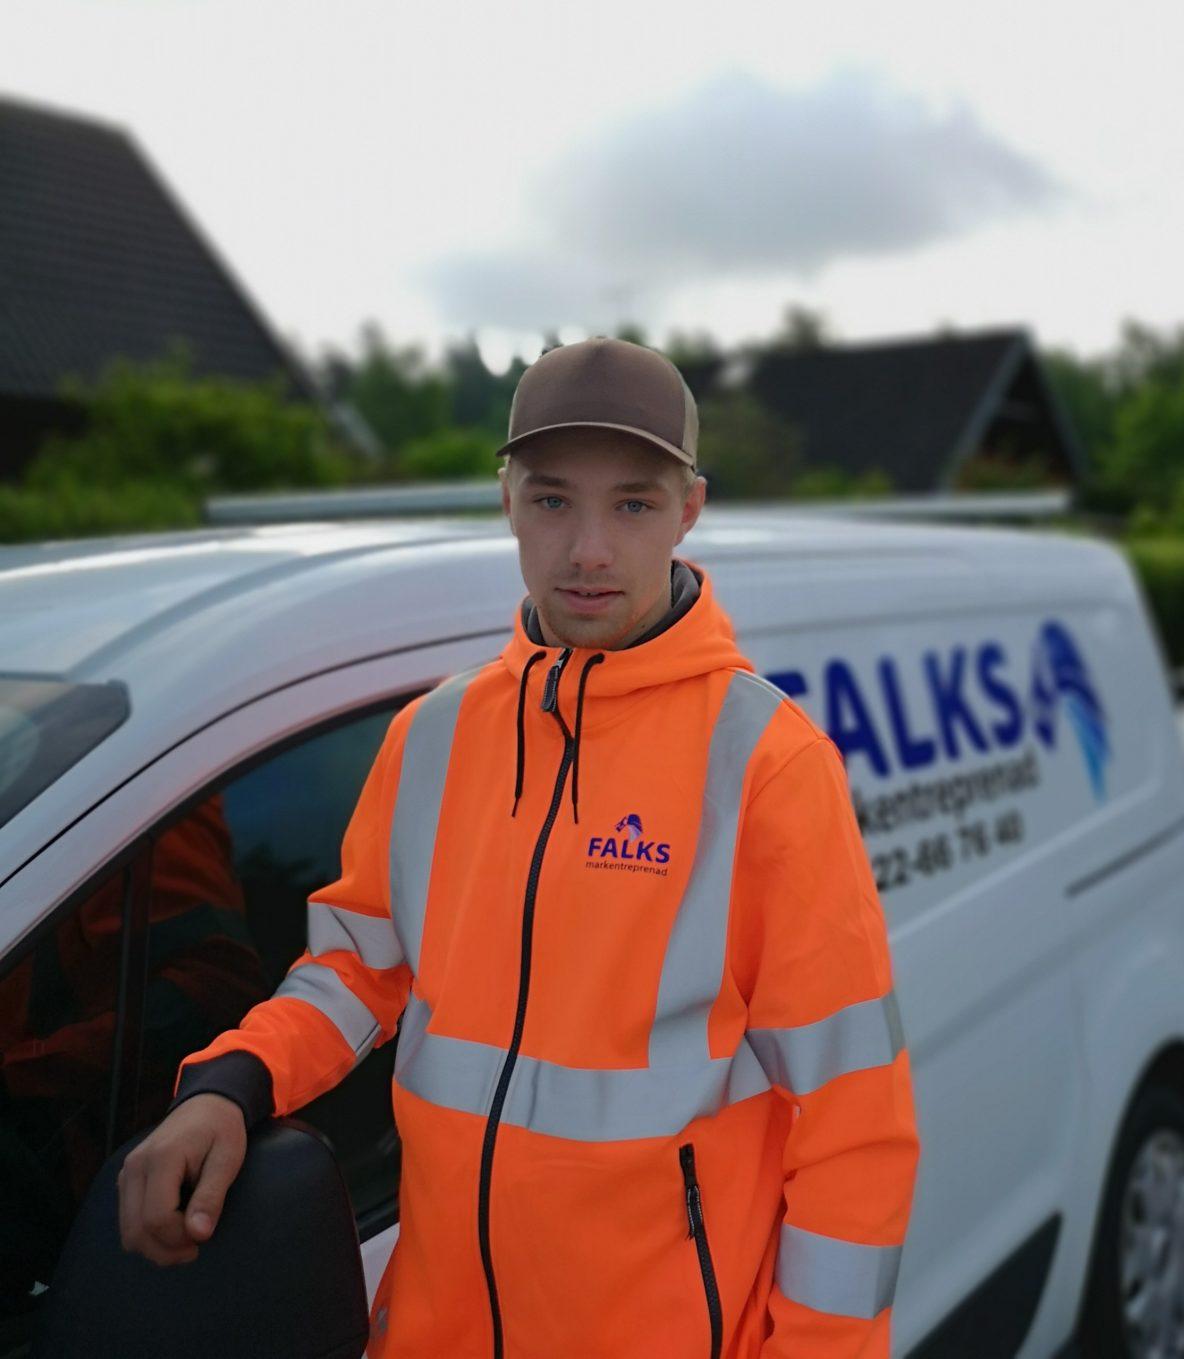 Välkommen Emil till oss! Kul att du äntligen börjar hos oss som maskinist efter dina år på #bräckegymnasiet i Göteborg.